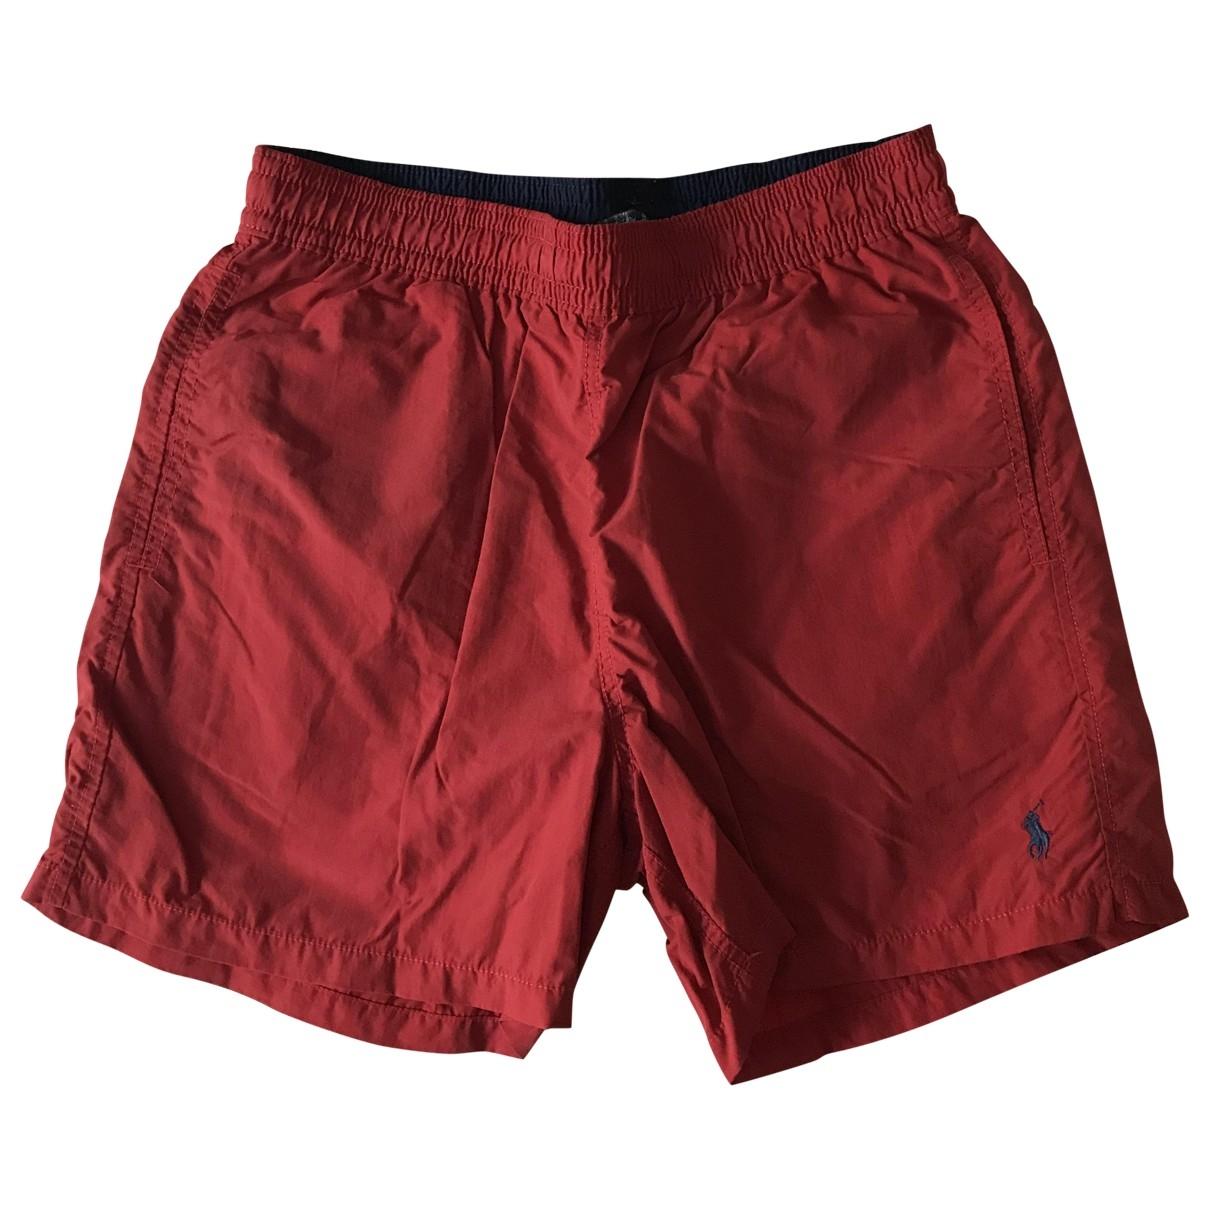 Polo Ralph Lauren \N Red Swimwear for Men S International